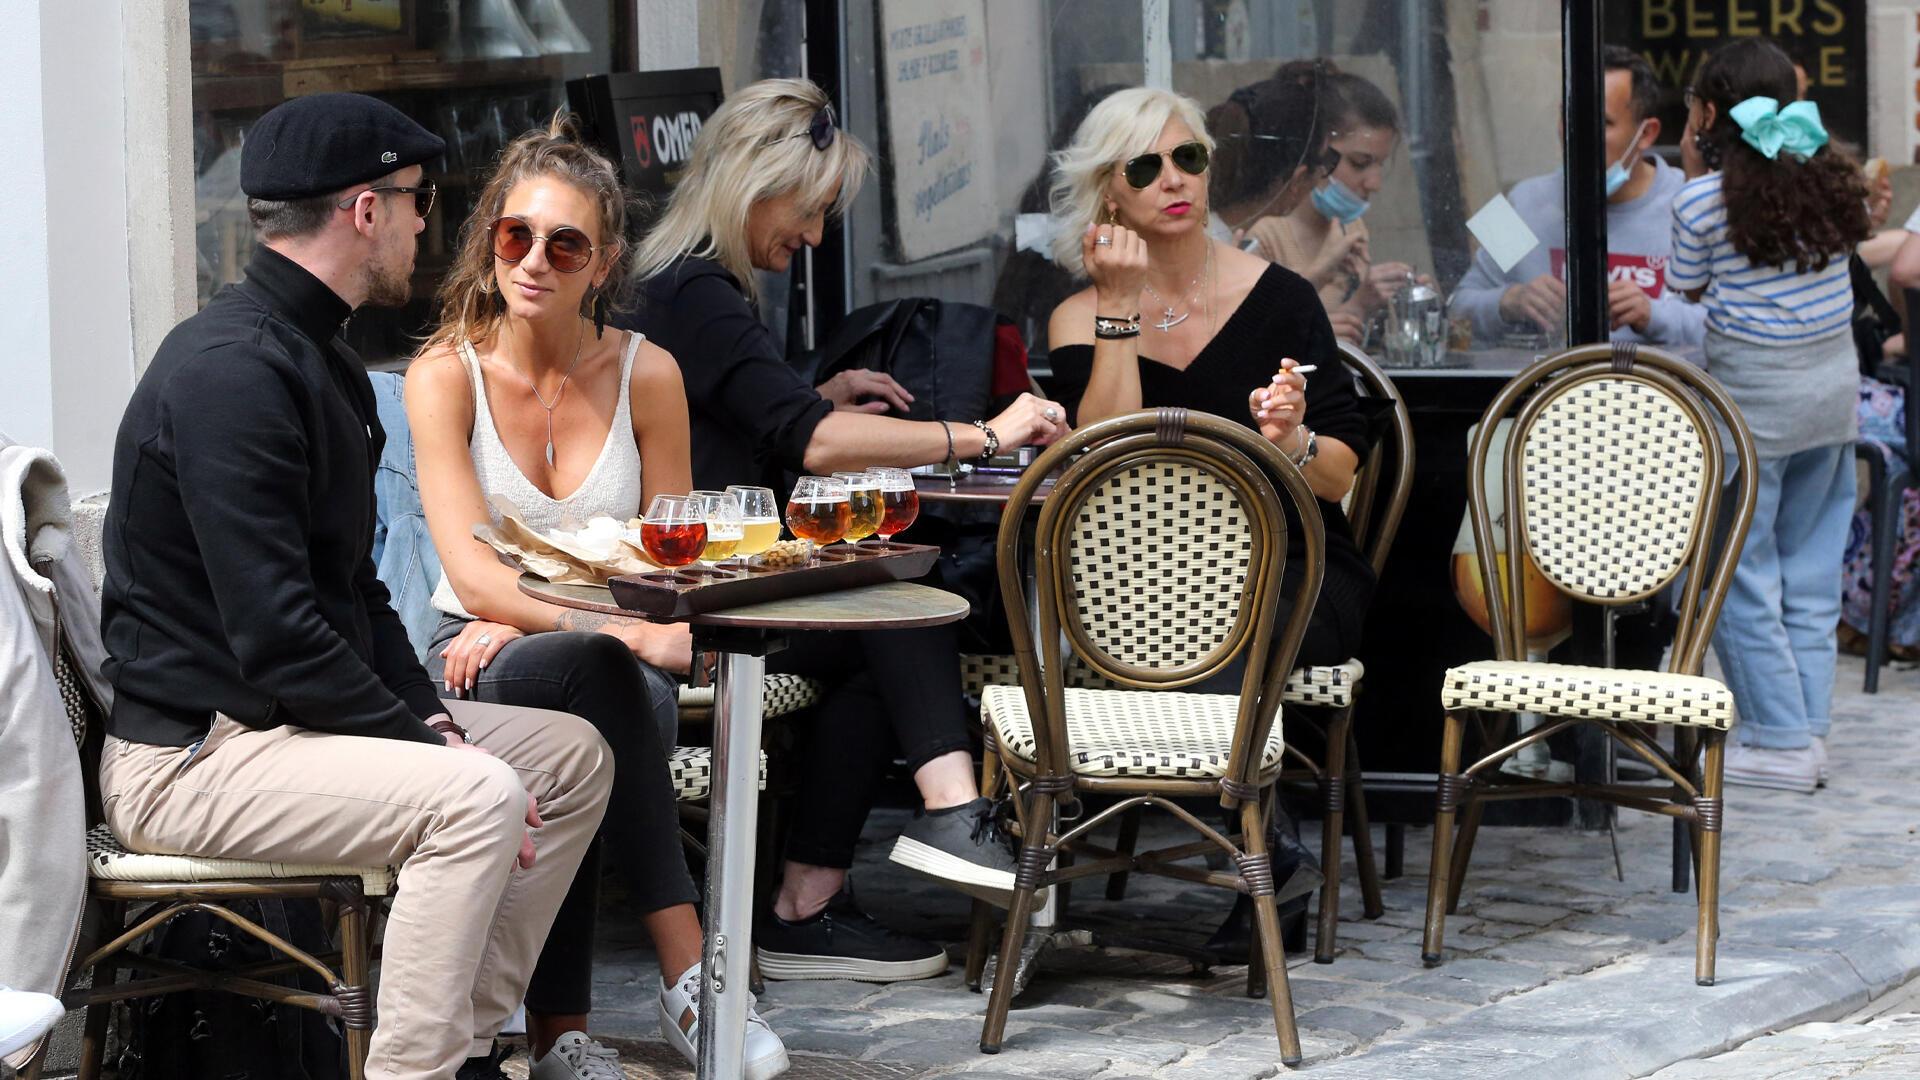 terrasse_café_Belgique_déconfinement - AFP - Carrefour de l'Europe